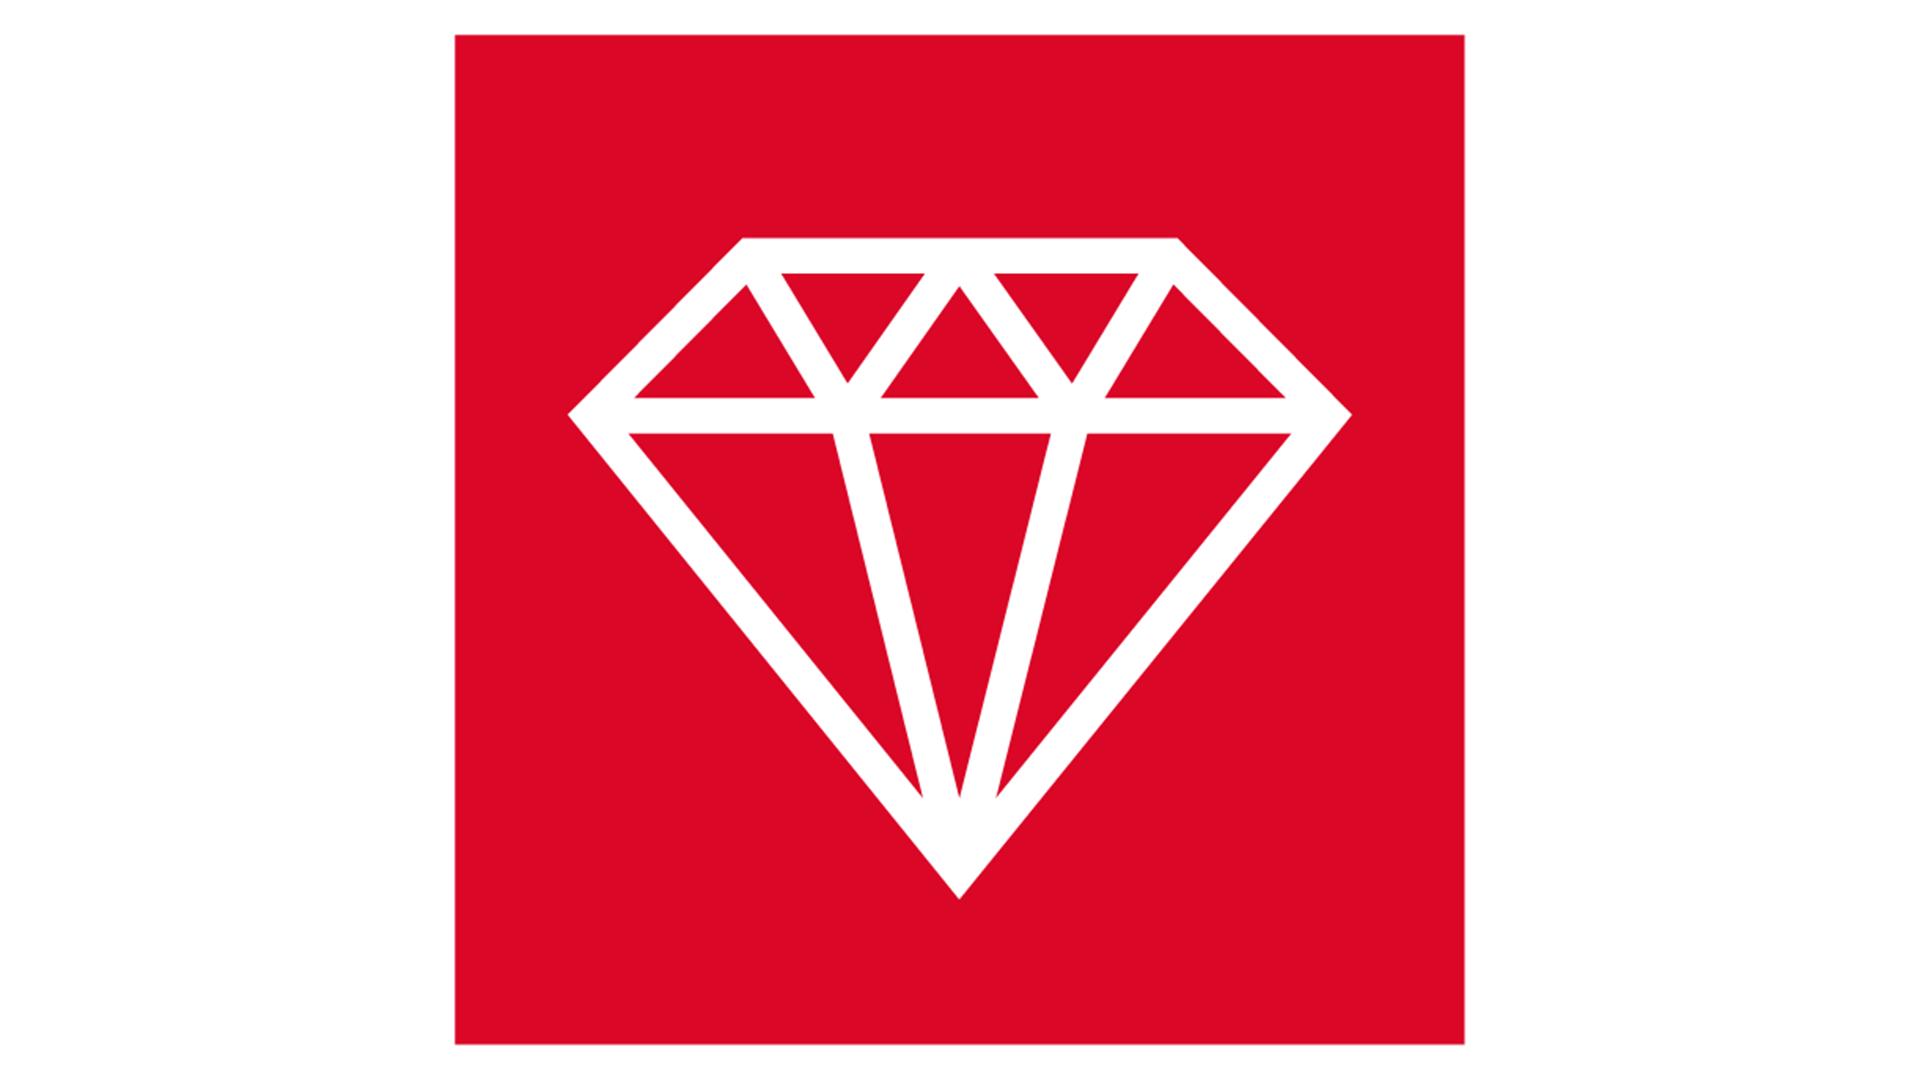 icon, 7 strenghts of stone, white on red background, for website, stärken von steinwolle, weiß auf rot, robustness, durability, langlebigkeit, germany